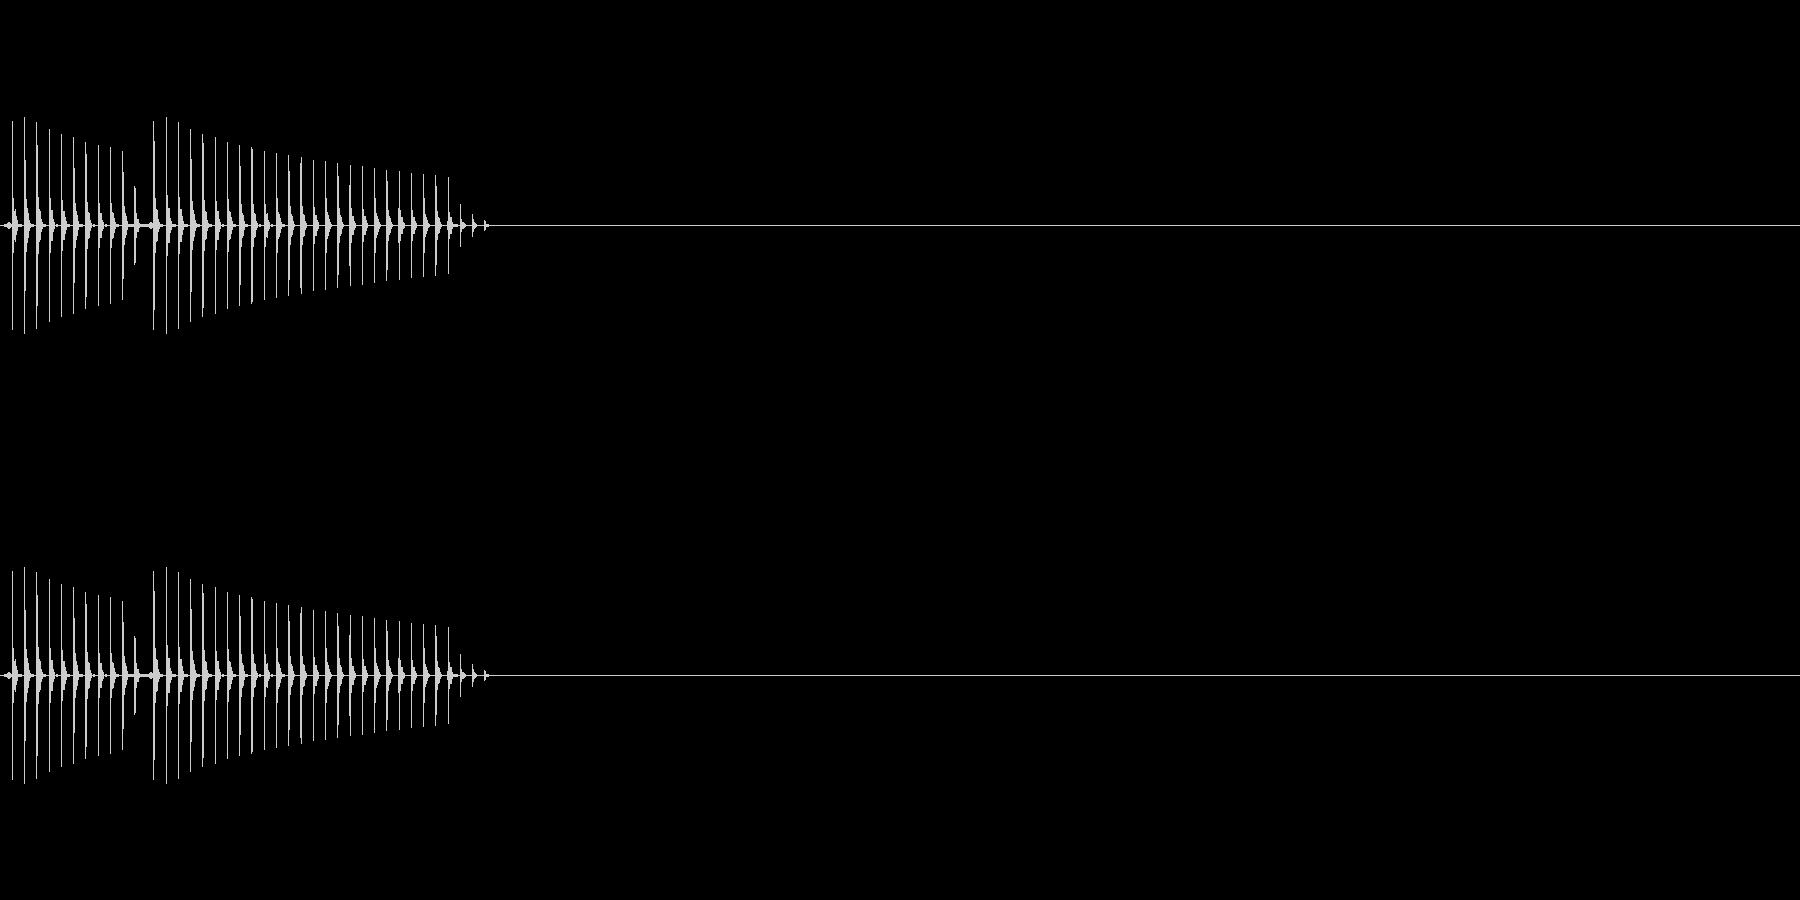 クイズの不正解時などになるような音です。の未再生の波形